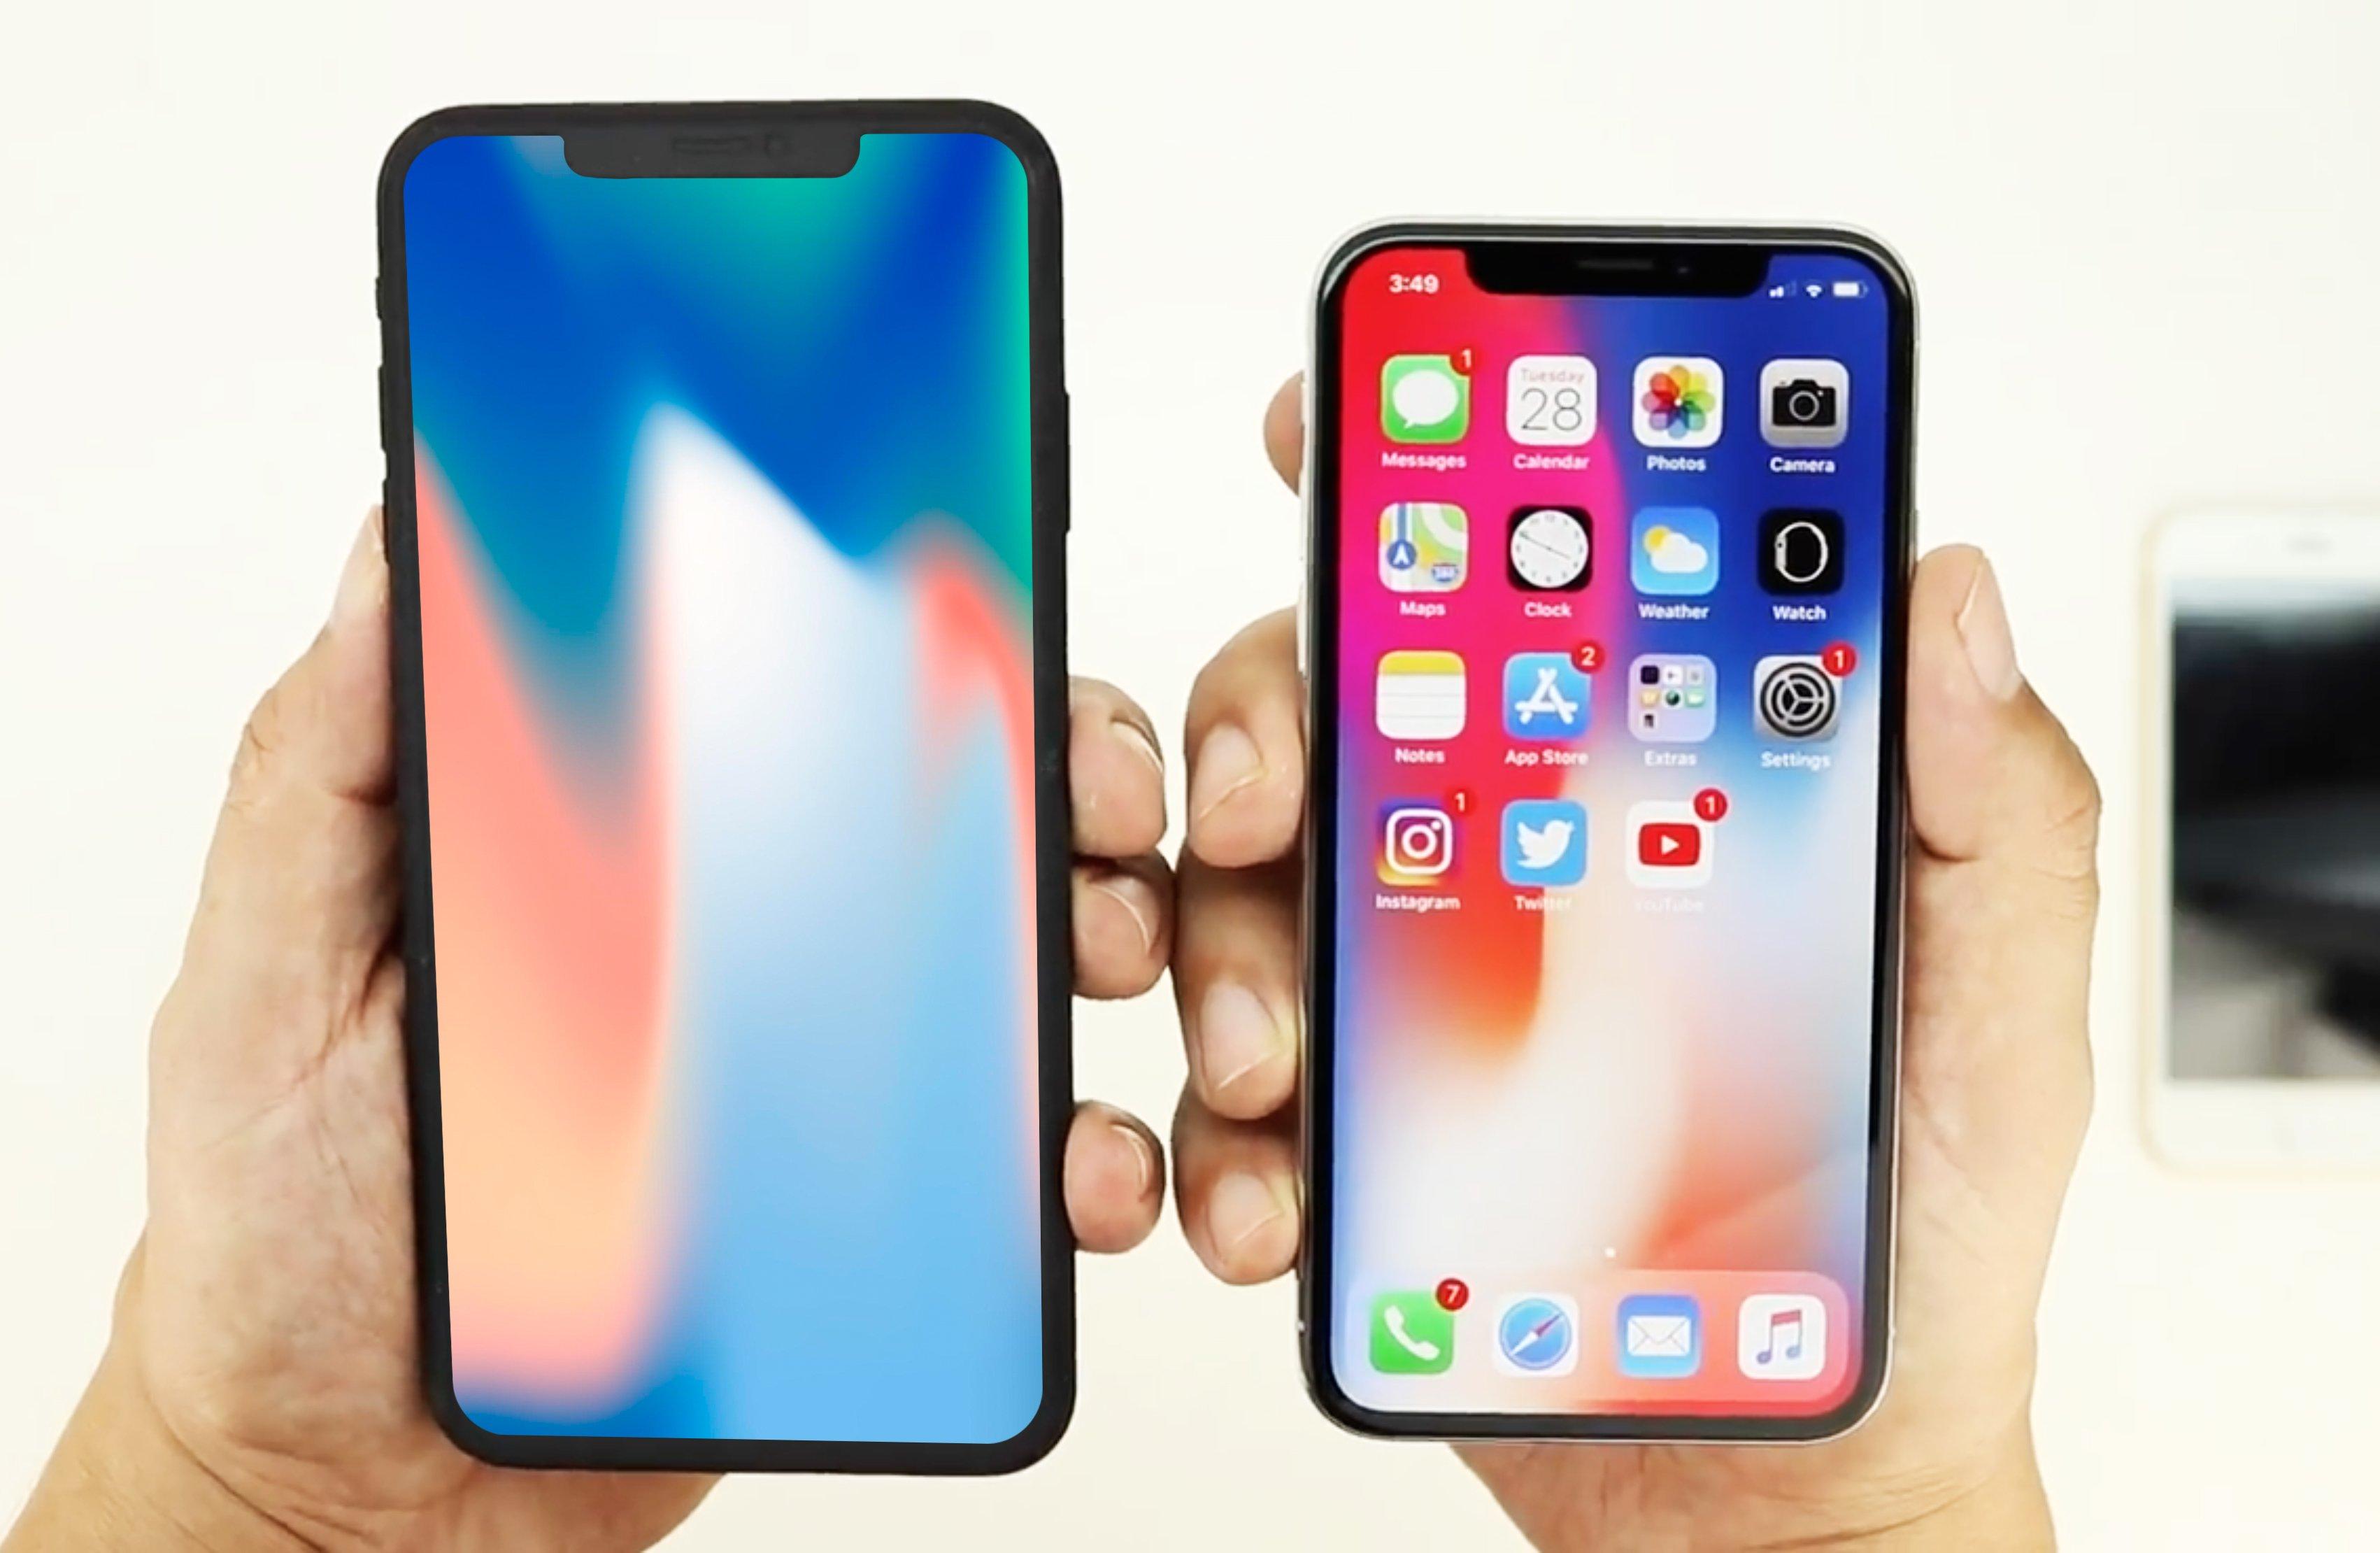 iPhone X Plus comparat iPhone X